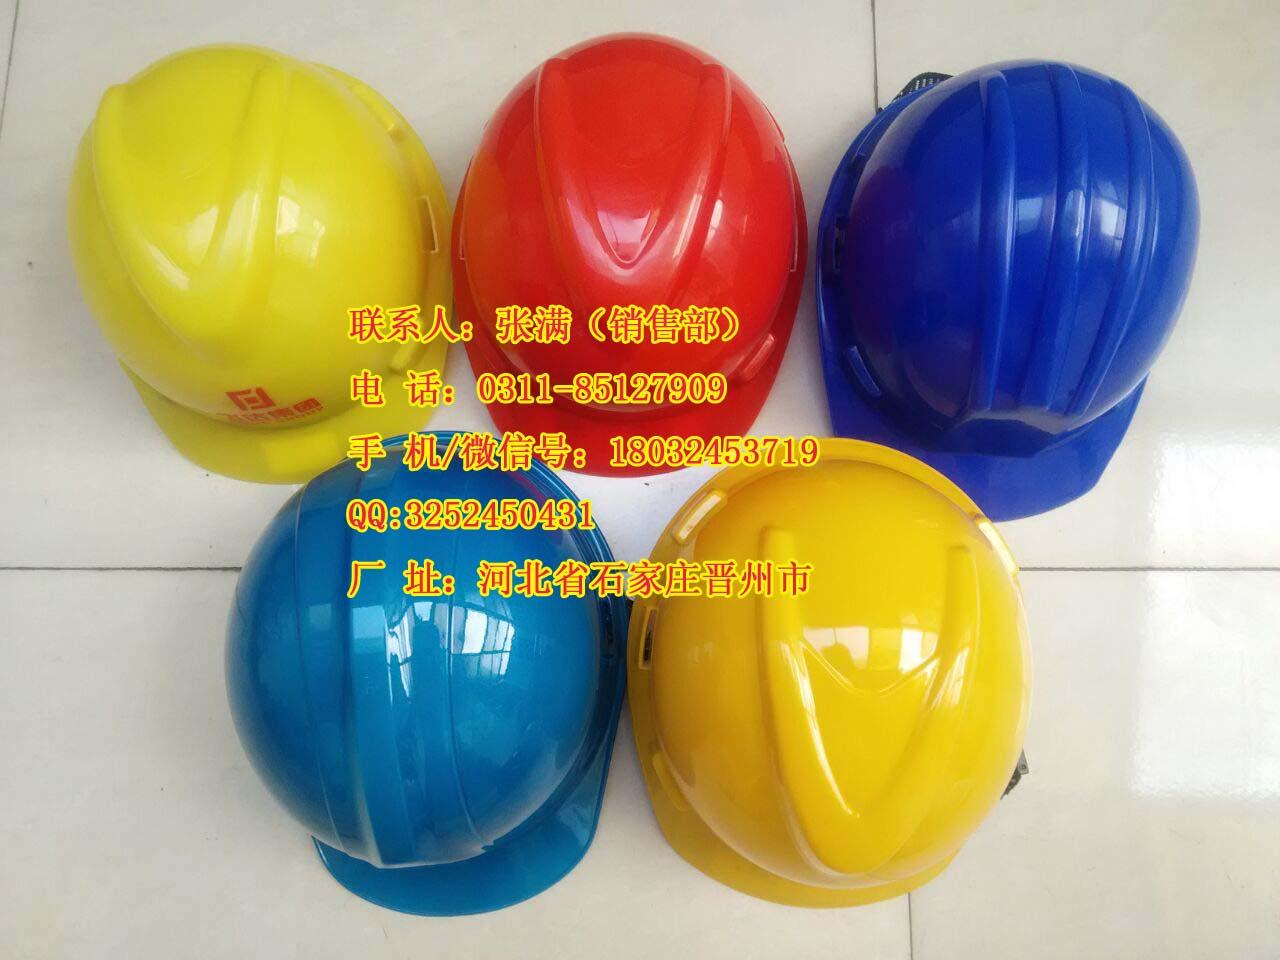 安全帽价格 V型透气孔安全帽 建筑安全帽厂家